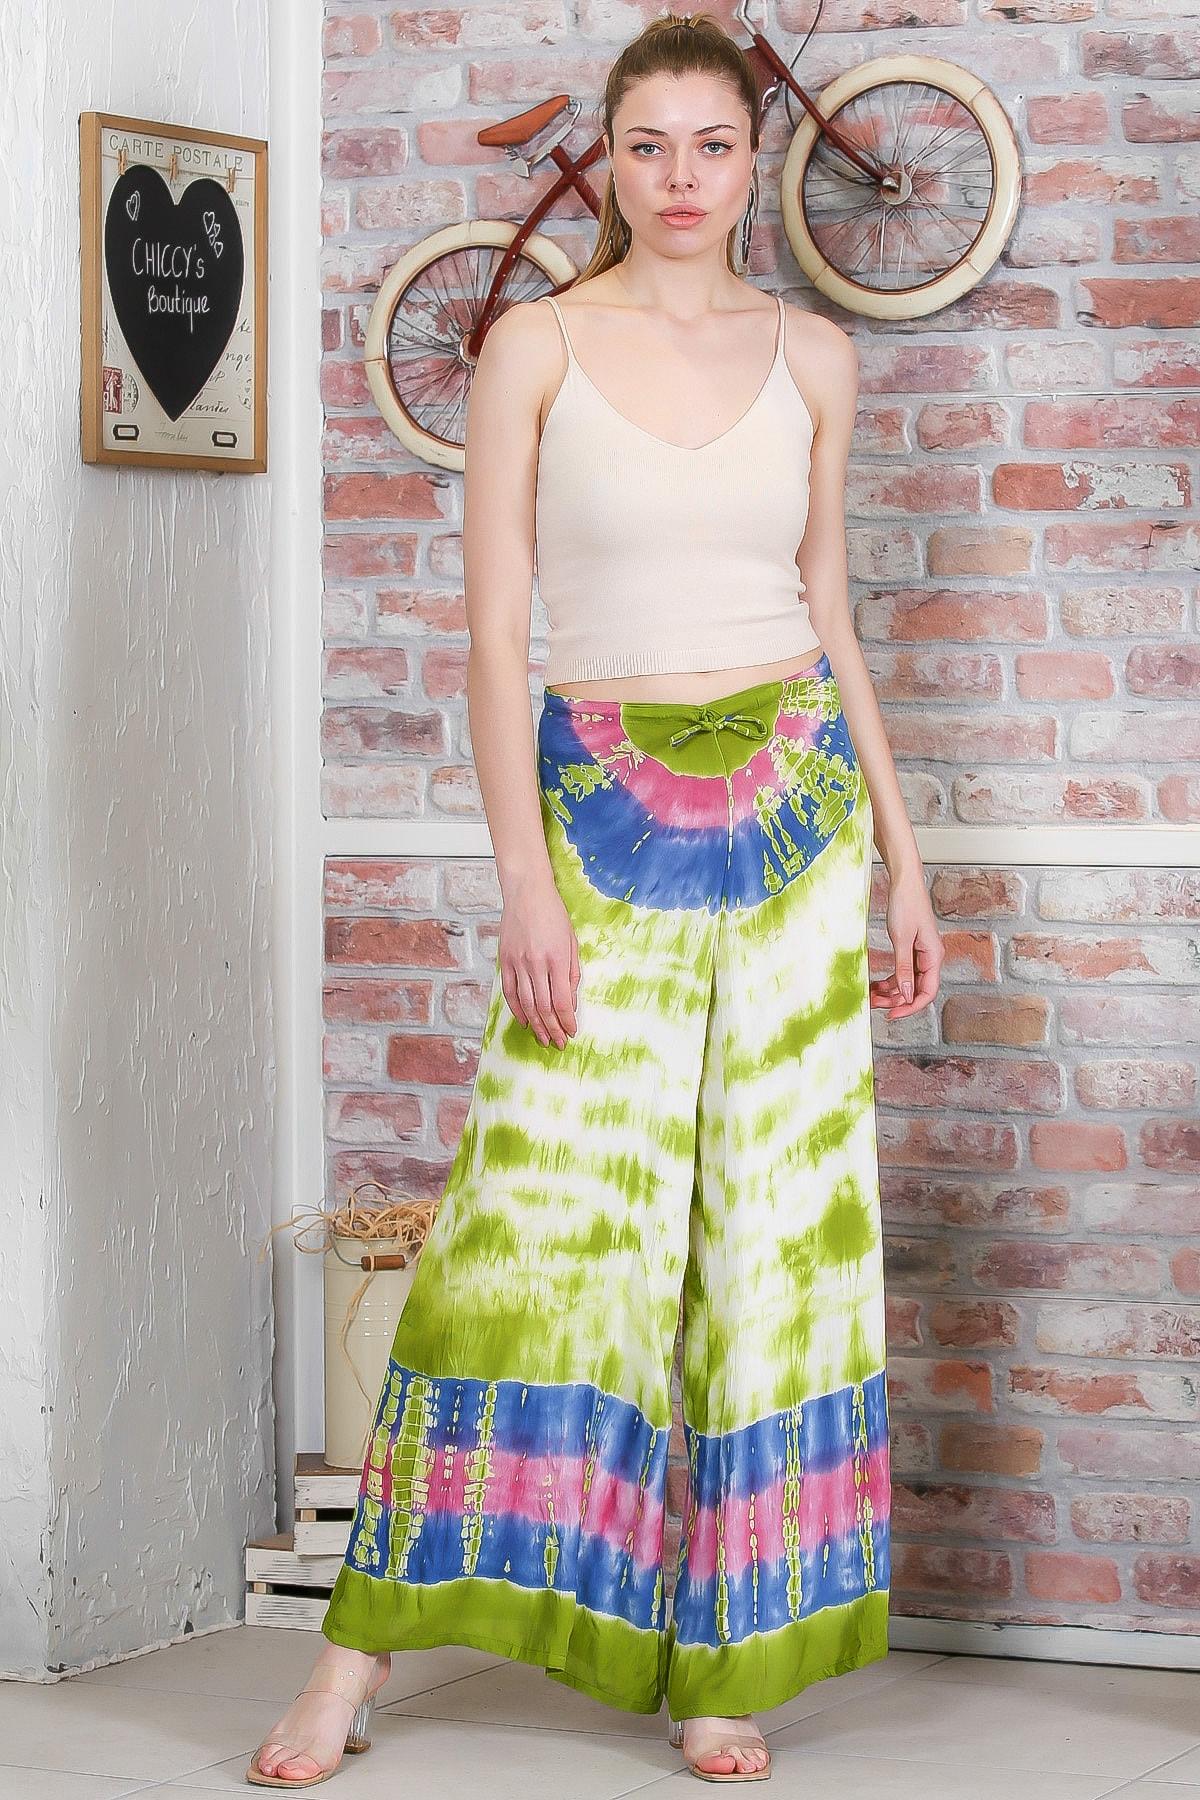 Chiccy Kadın Yeşil Batik Desenli Bol Paçalı Dokuma Pantolon M10060000PN98899 1